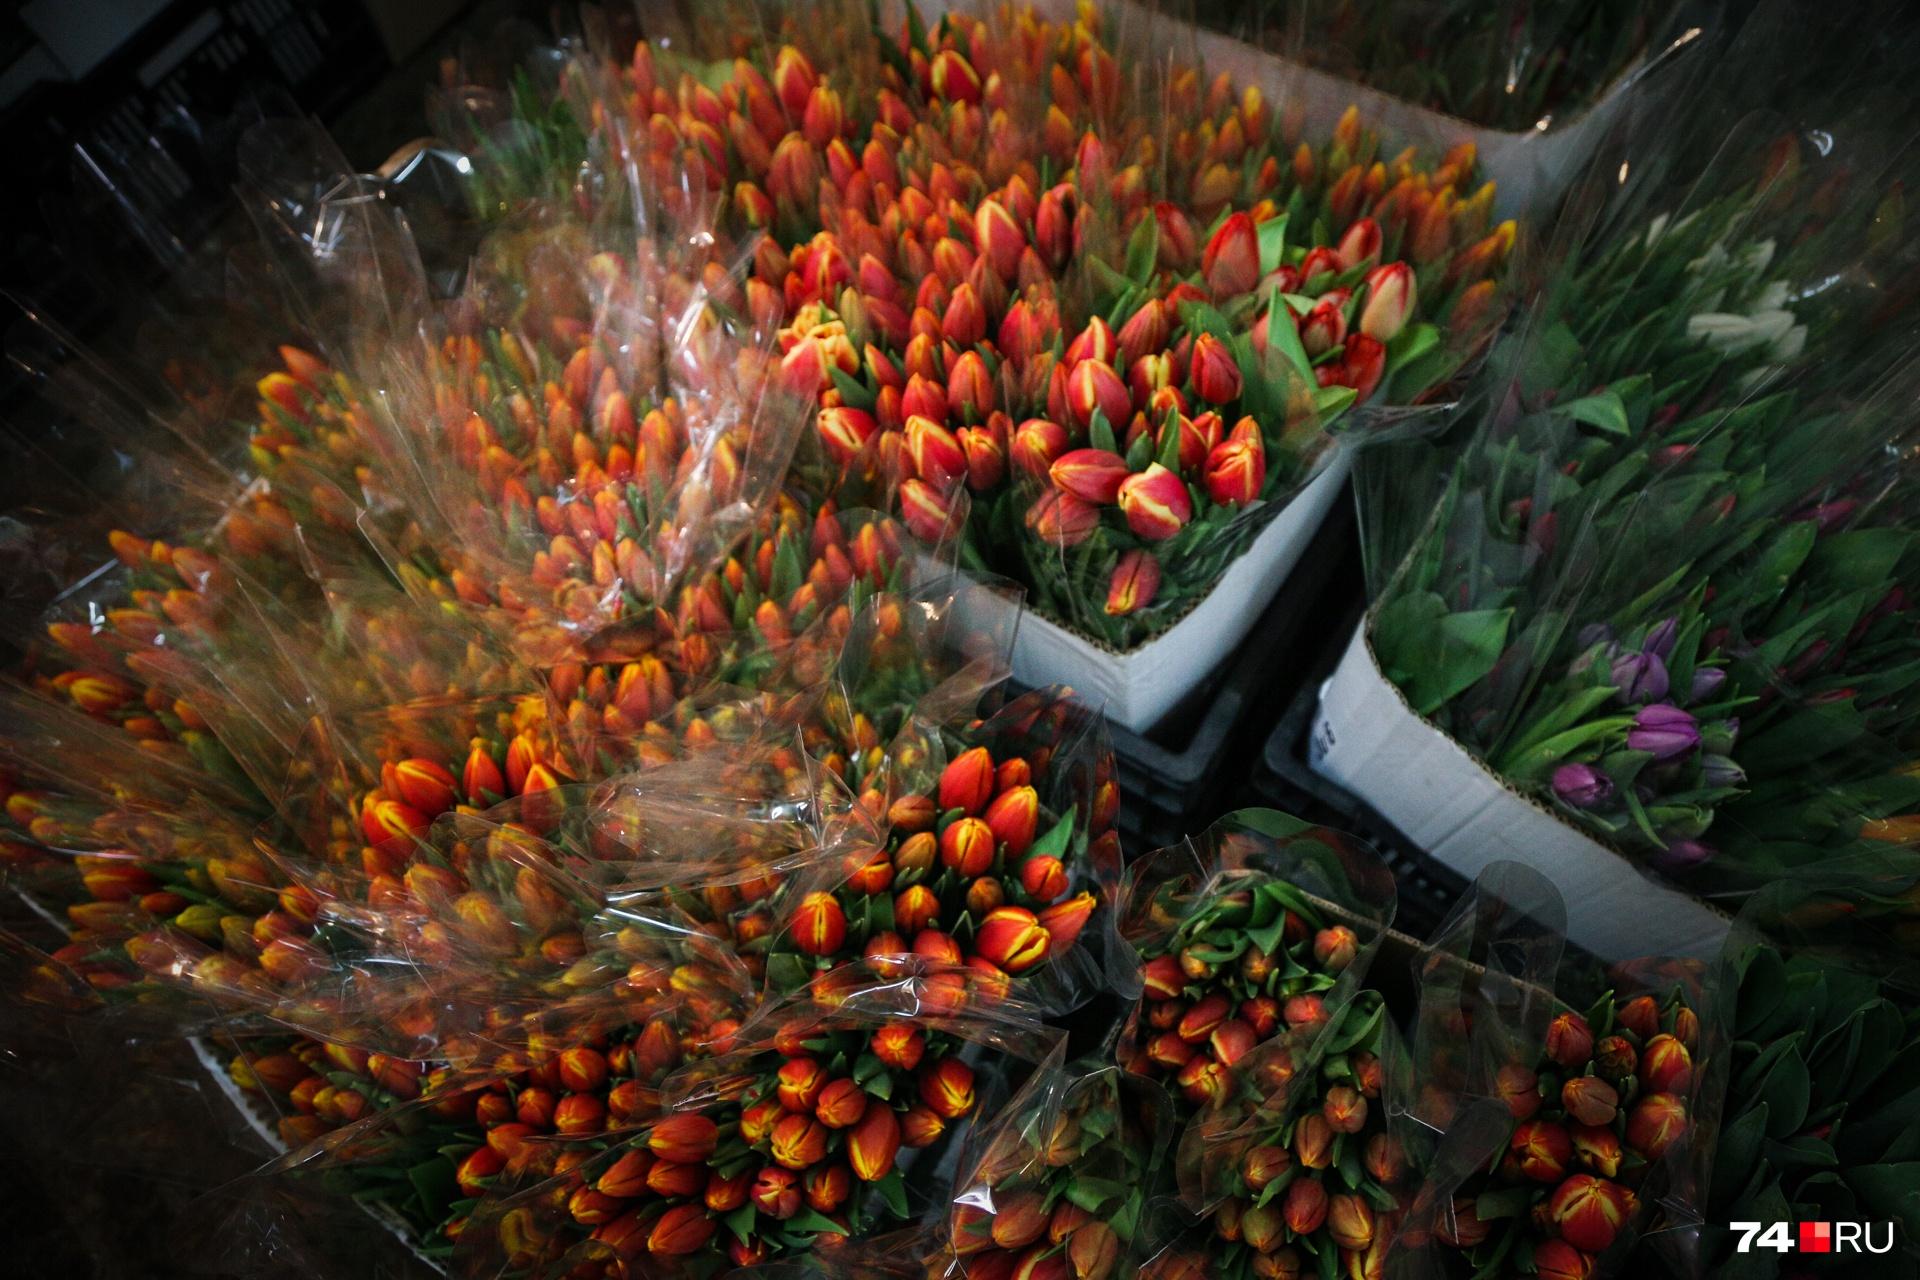 Разноцветные тюльпаны выглядят очень эффектно